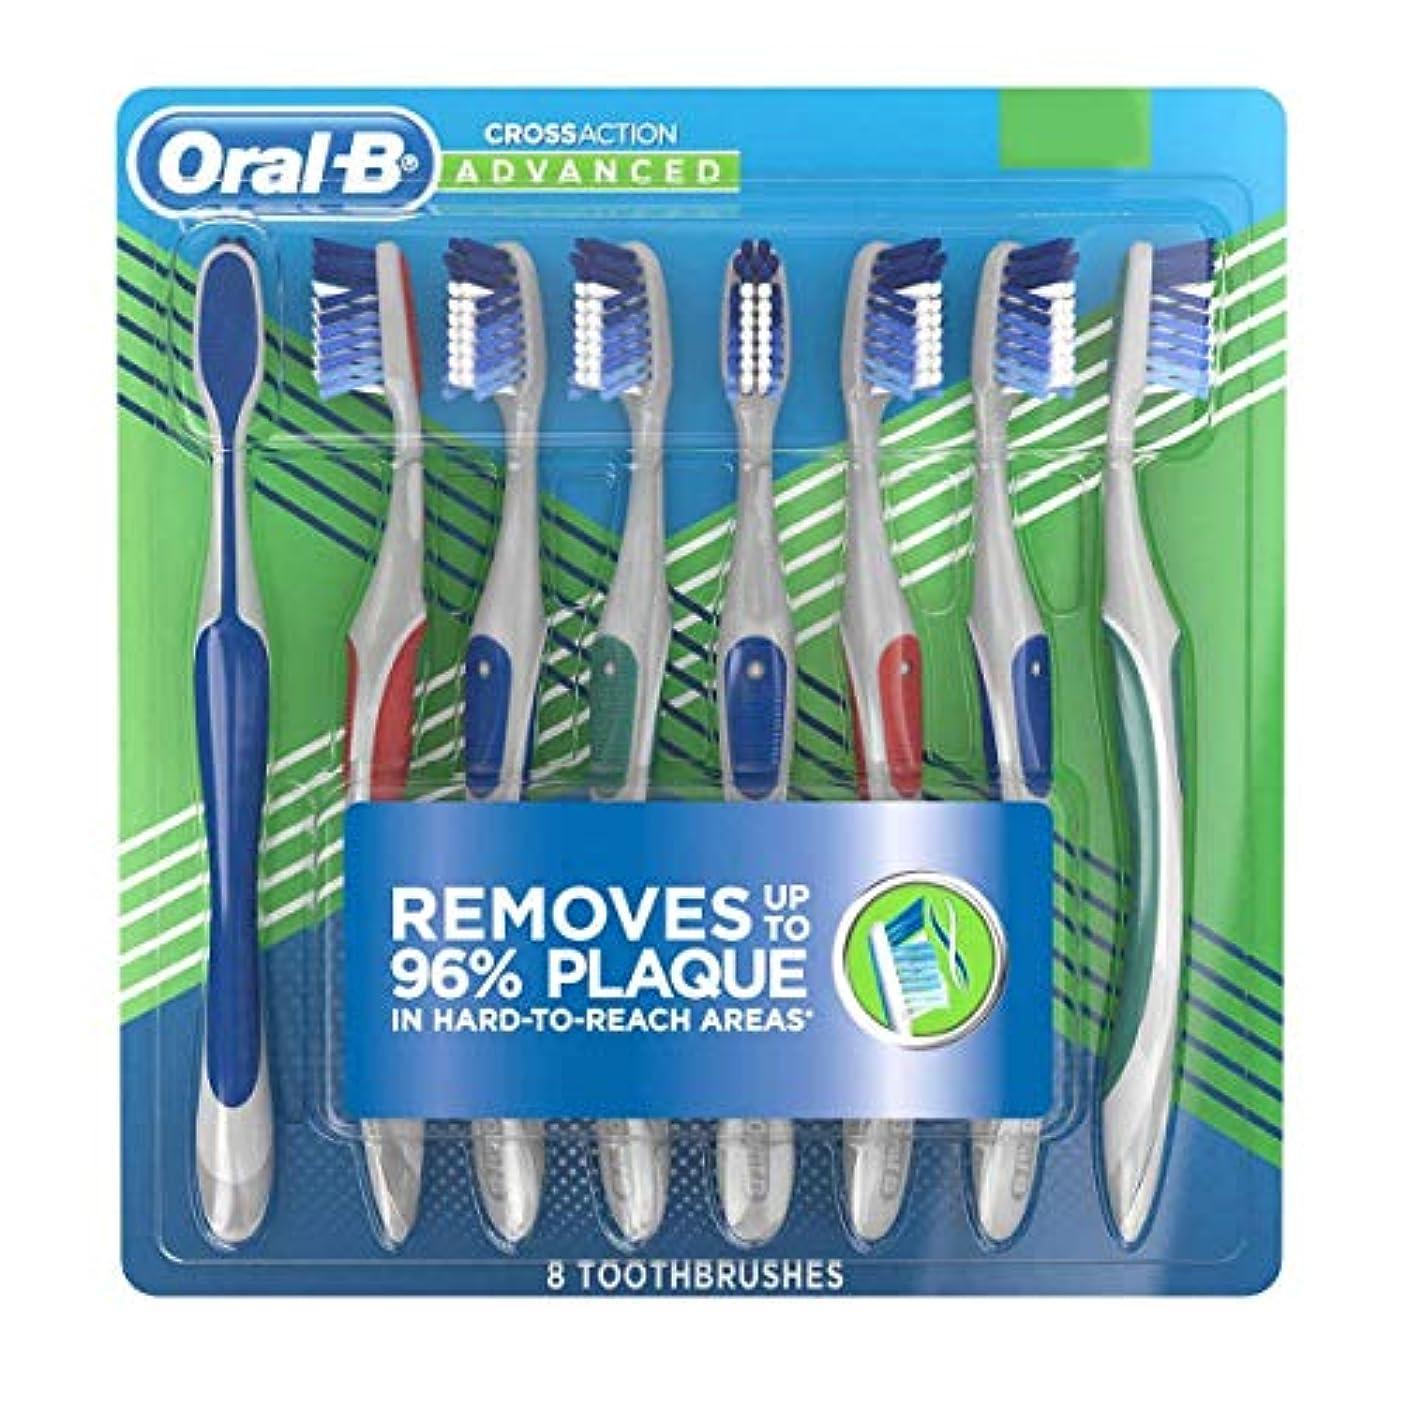 成り立つキャンパス光Oral-B Pro-Health Cross Action Advanced Toothbrush 8-pack SOFT オーラルB プロヘルス クロスアクション アドバンスド 歯ブラシ8本セット(ソフトタイプ)